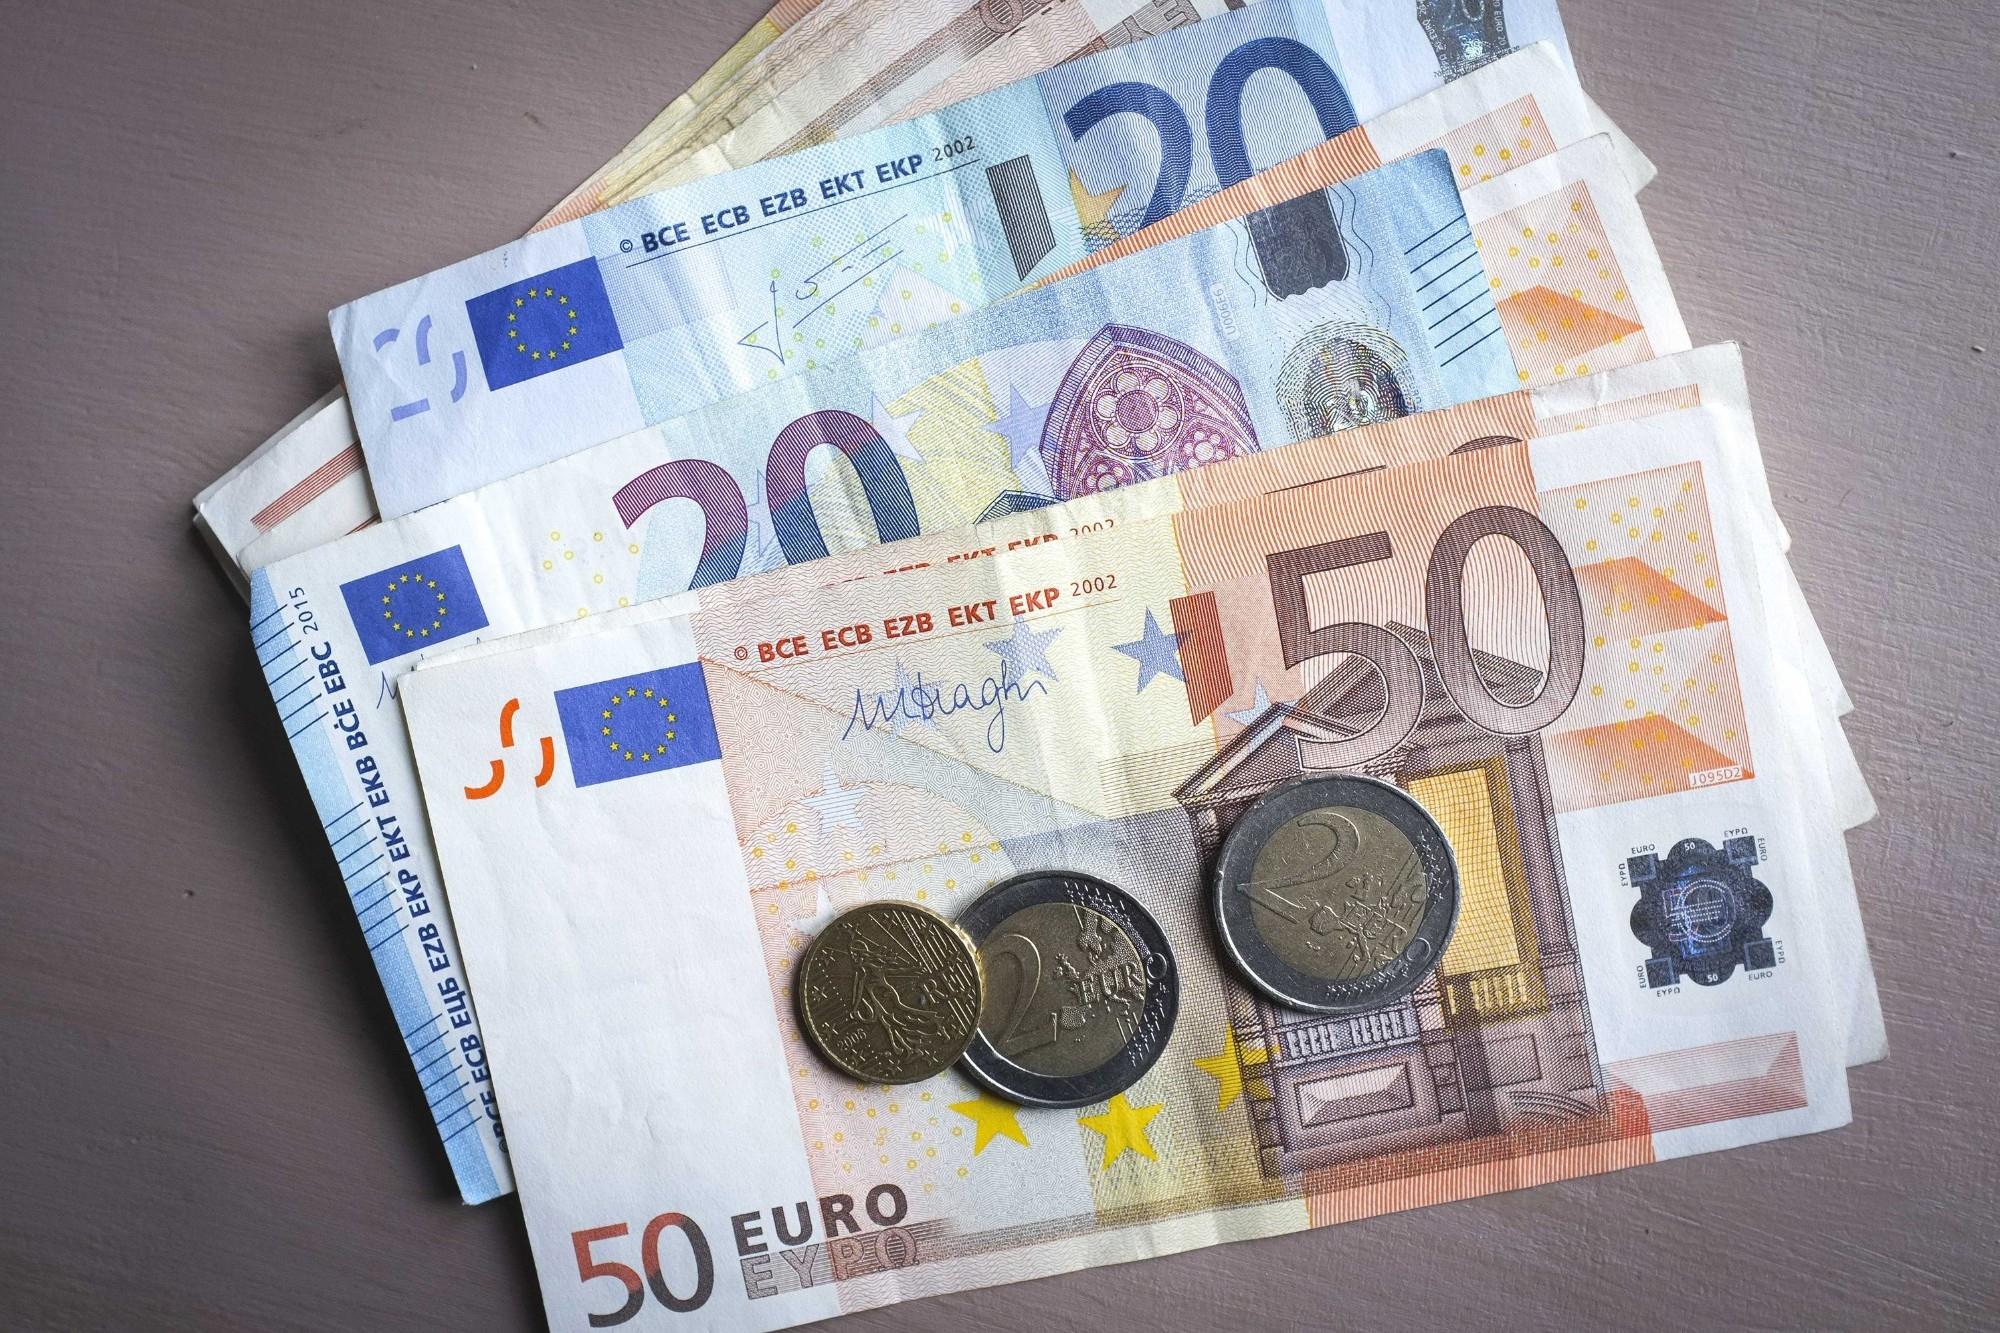 Le Havre : Elle Fabriquait De Faux Billets Sur Des Feuilles encequiconcerne Pieces Et Billets Euros À Imprimer